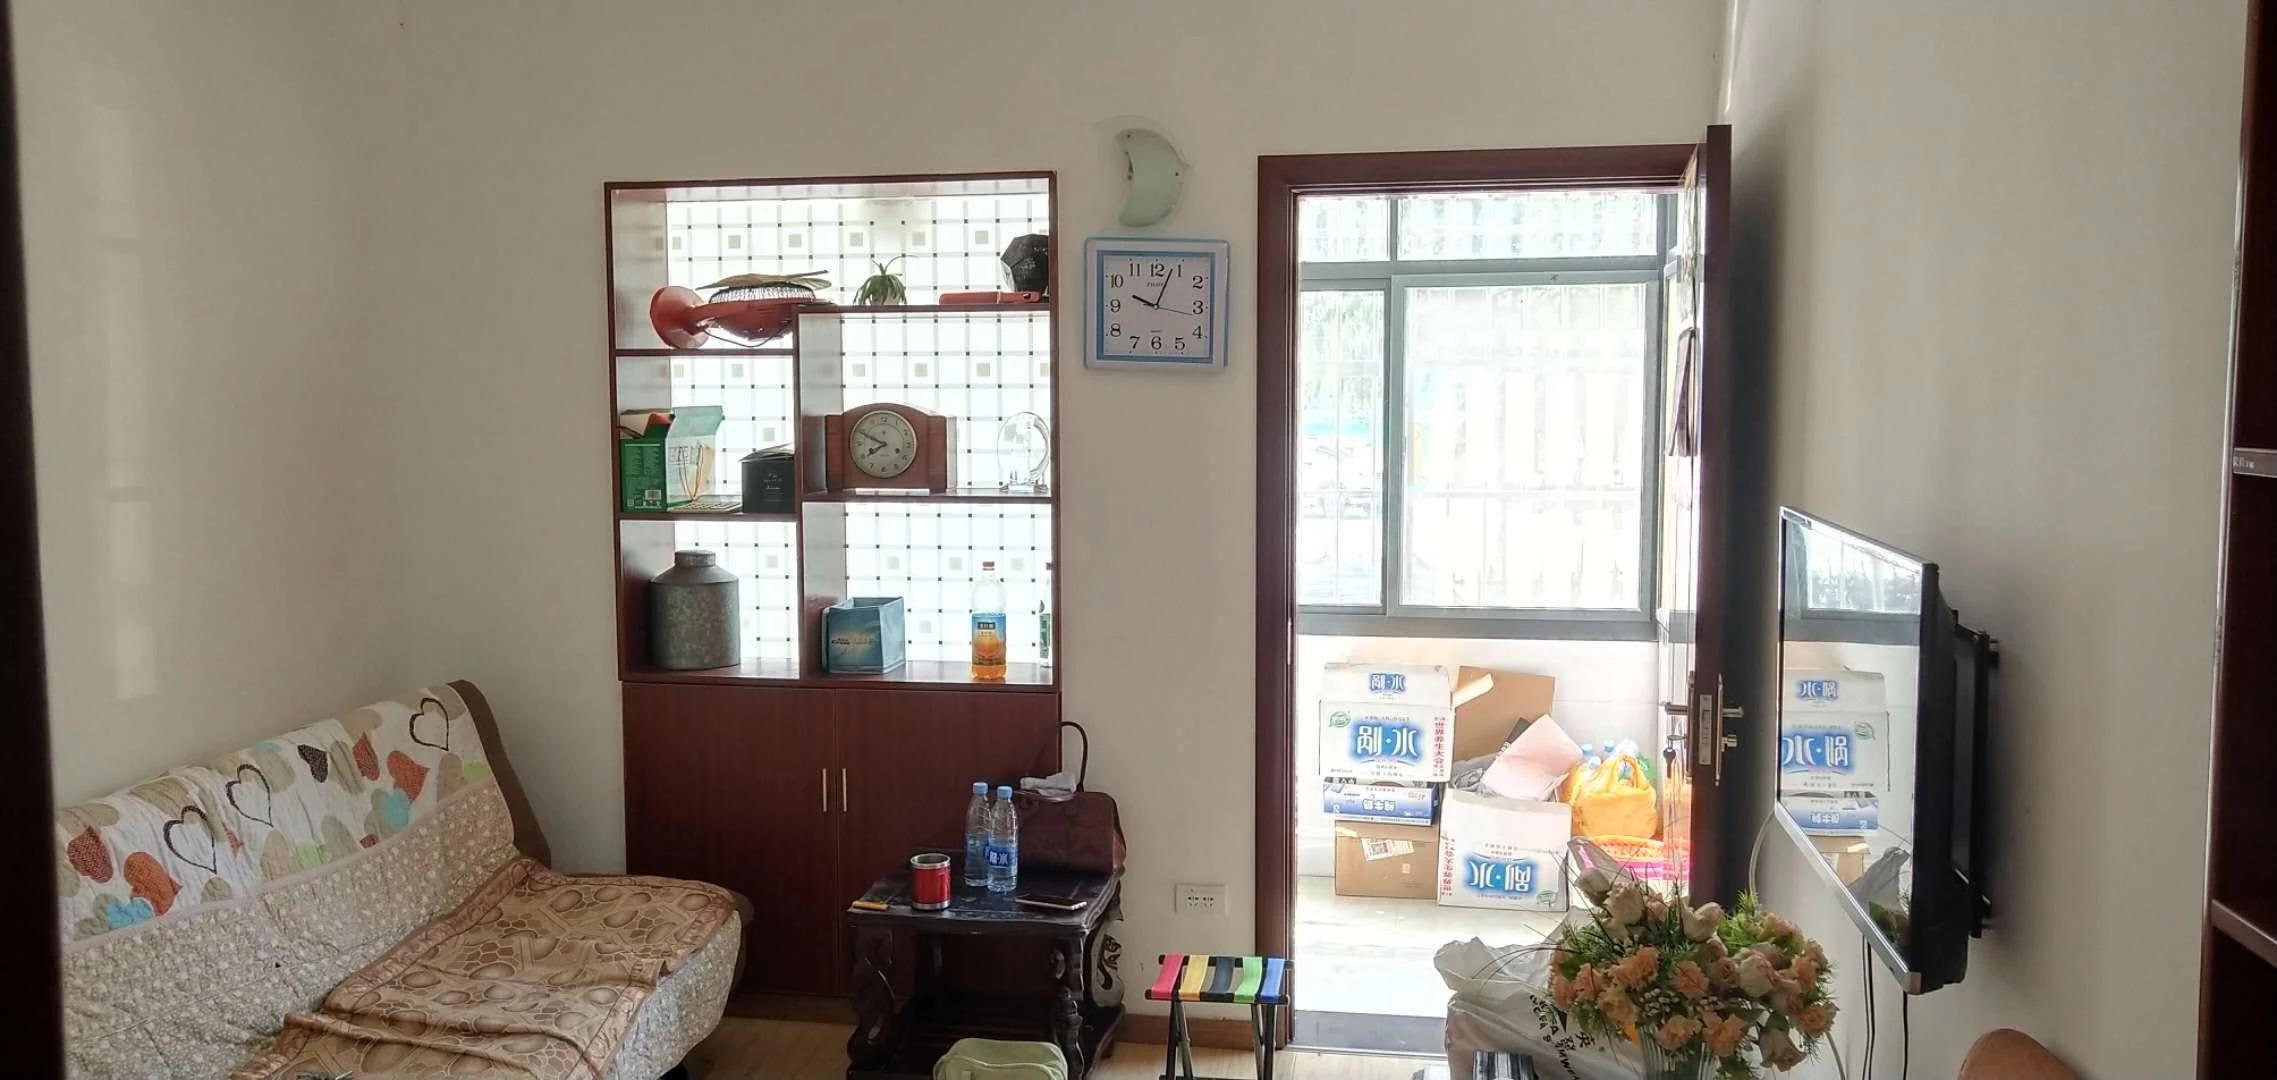 裕安三村旁大板楼出售